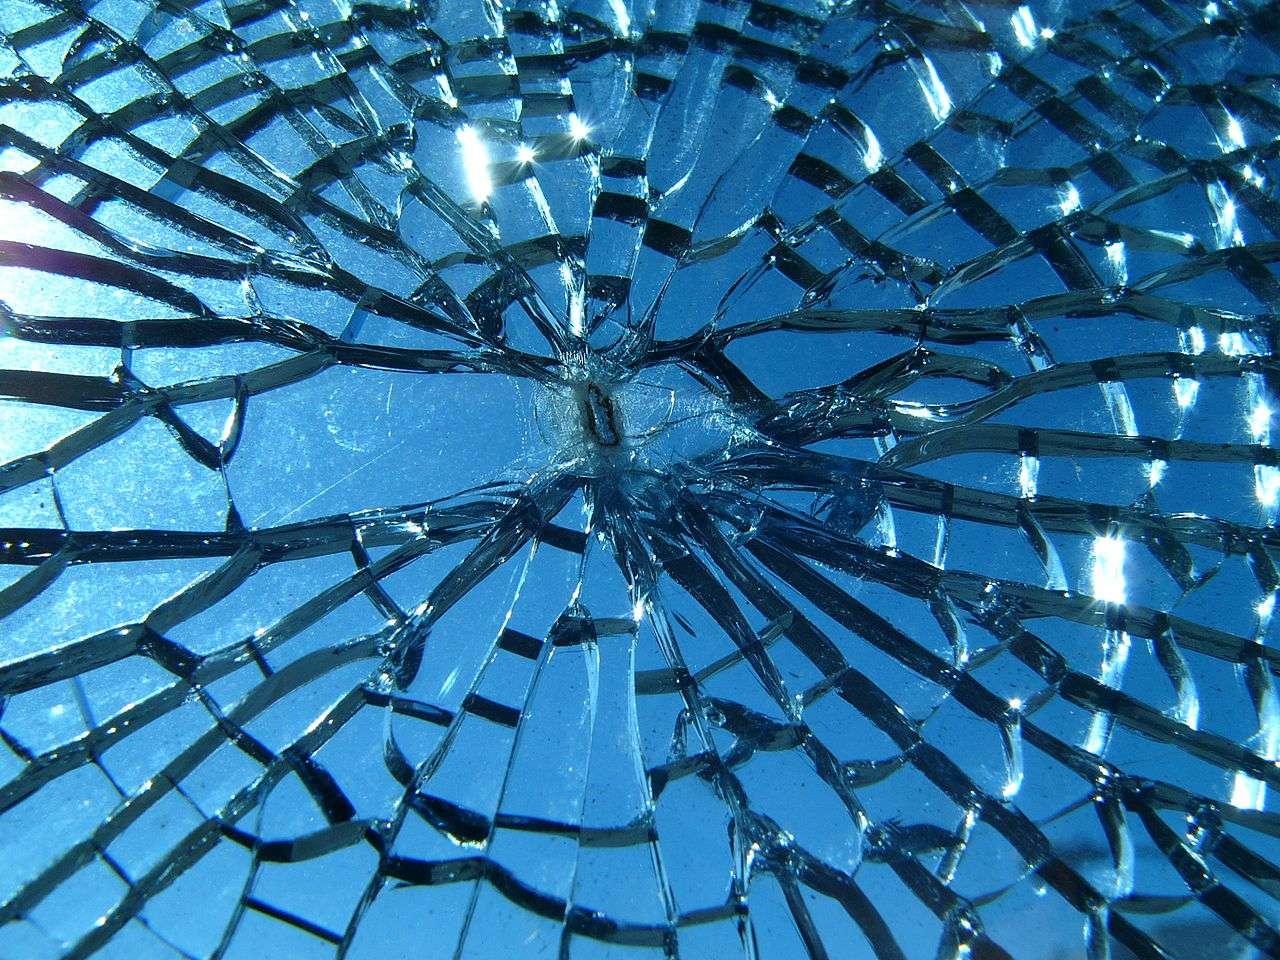 Le verre casse facilement. Un jour, ce ne sera peut-être plus le cas : des chercheurs ont réussi à rendre du verre plus résistant en y créant des microfissures. © Jef Poskanzer, Flickr, cc by sa 2.0